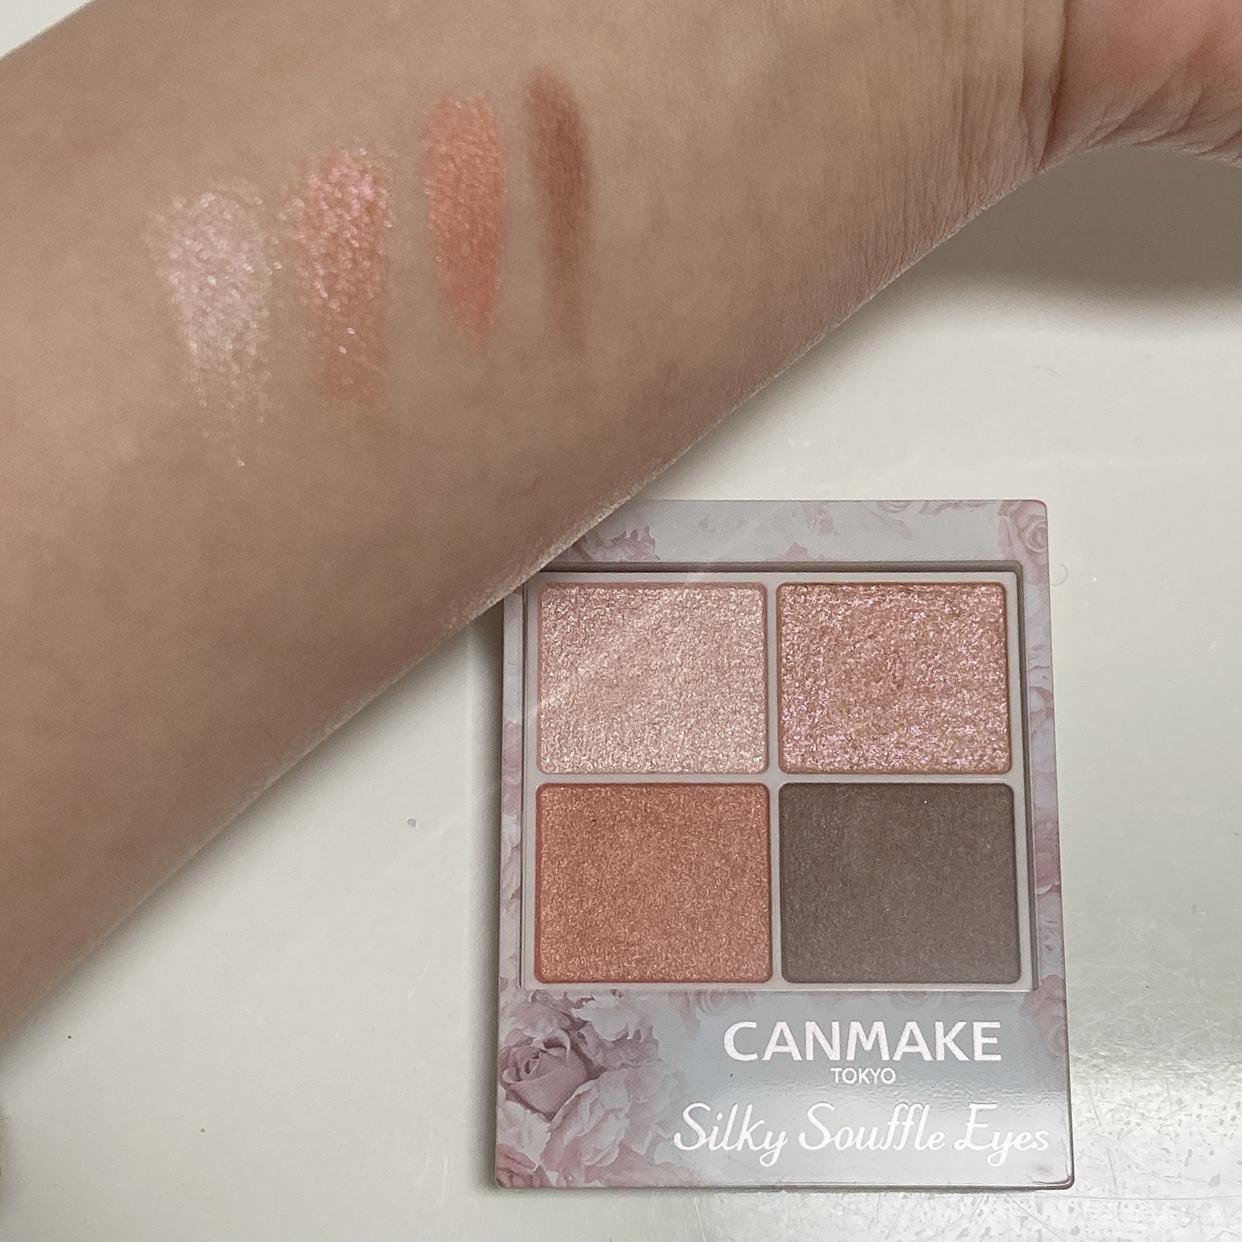 CANMAKE(キャンメイク) シルキースフレアイズを使ったナギさんのクチコミ画像3